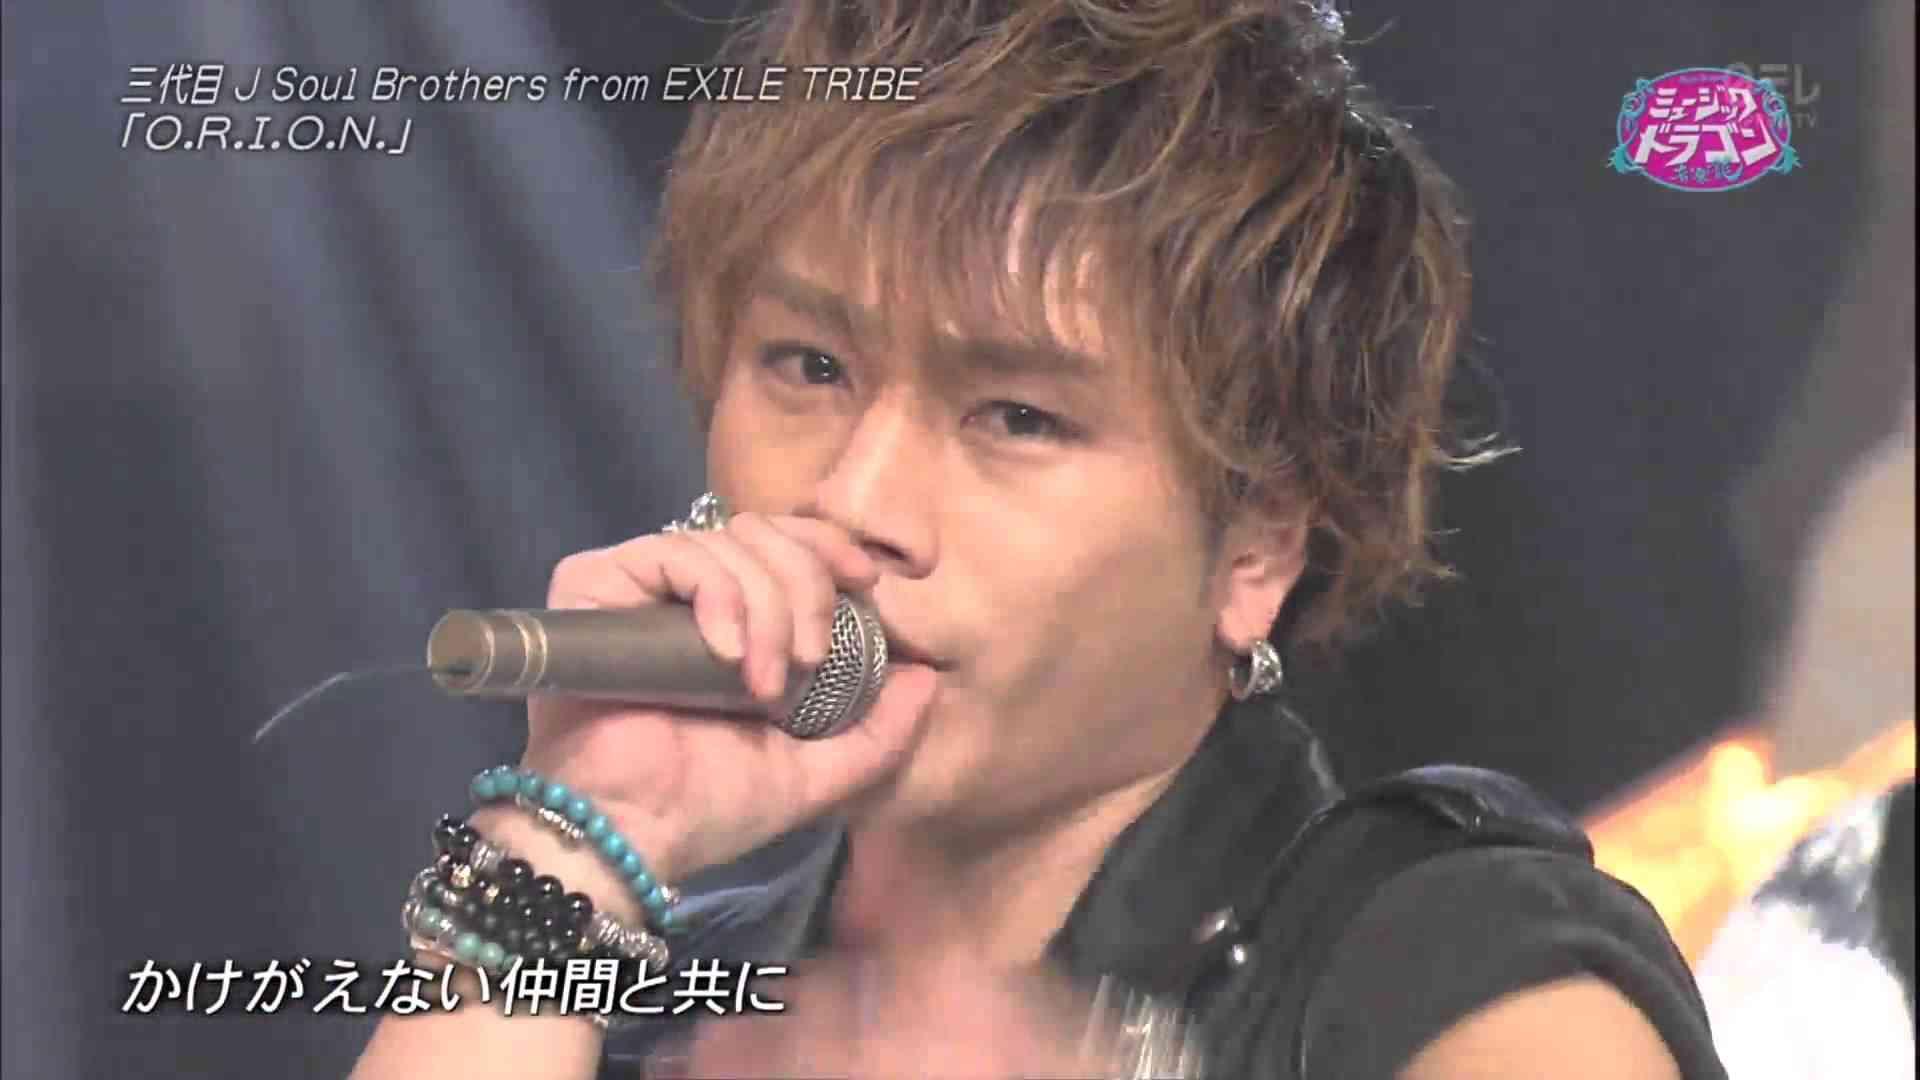 三代目 J Soul Brothers from EXILE TRIBE - O.R.I.O.N - YouTube